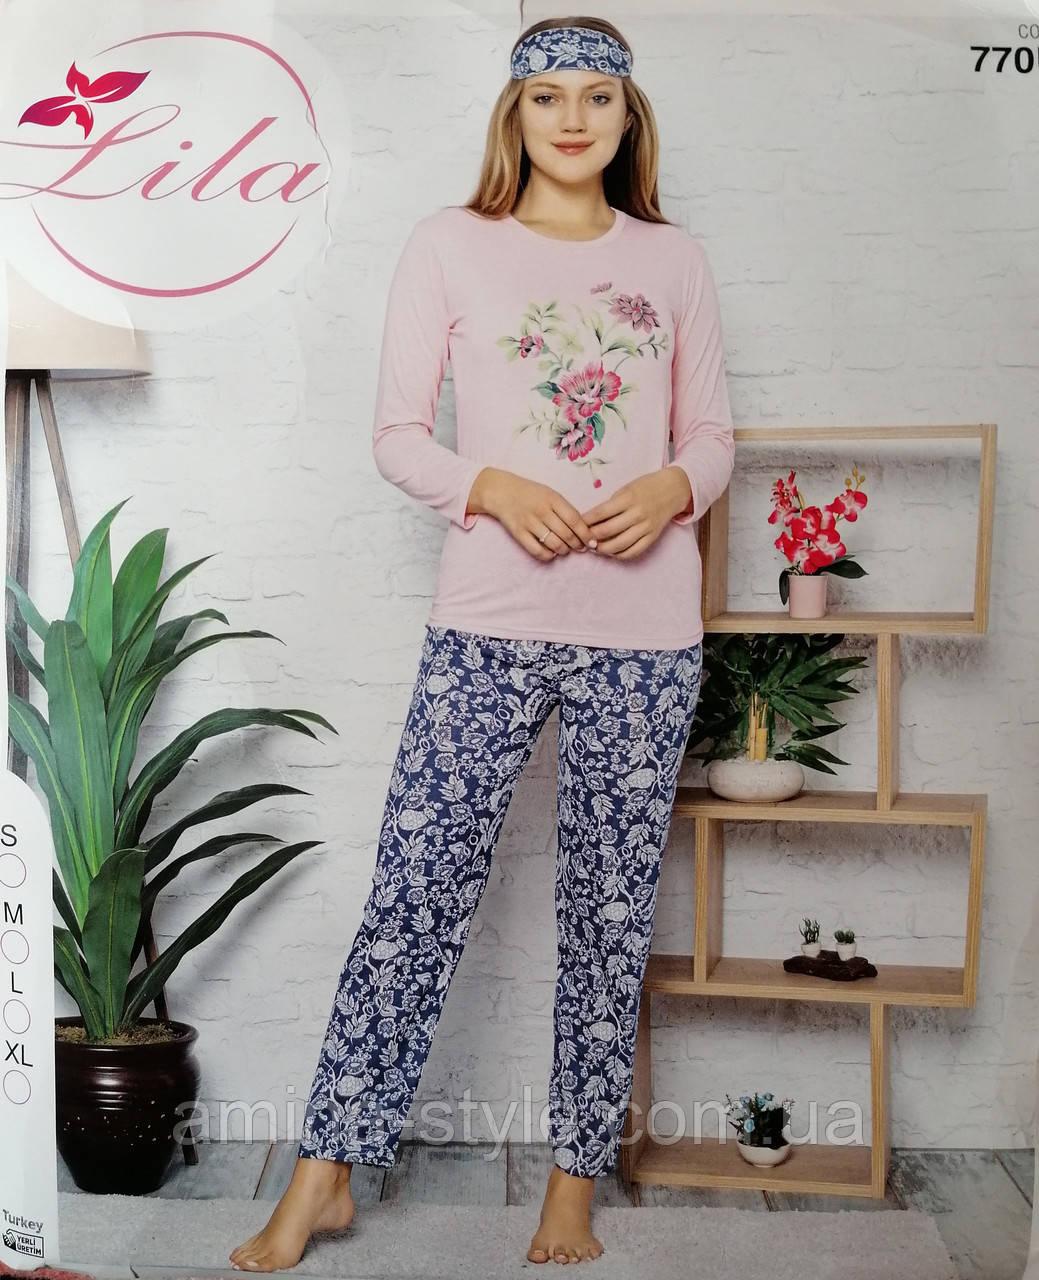 Пижама женская. Комплект домашний хлопок. Размер L